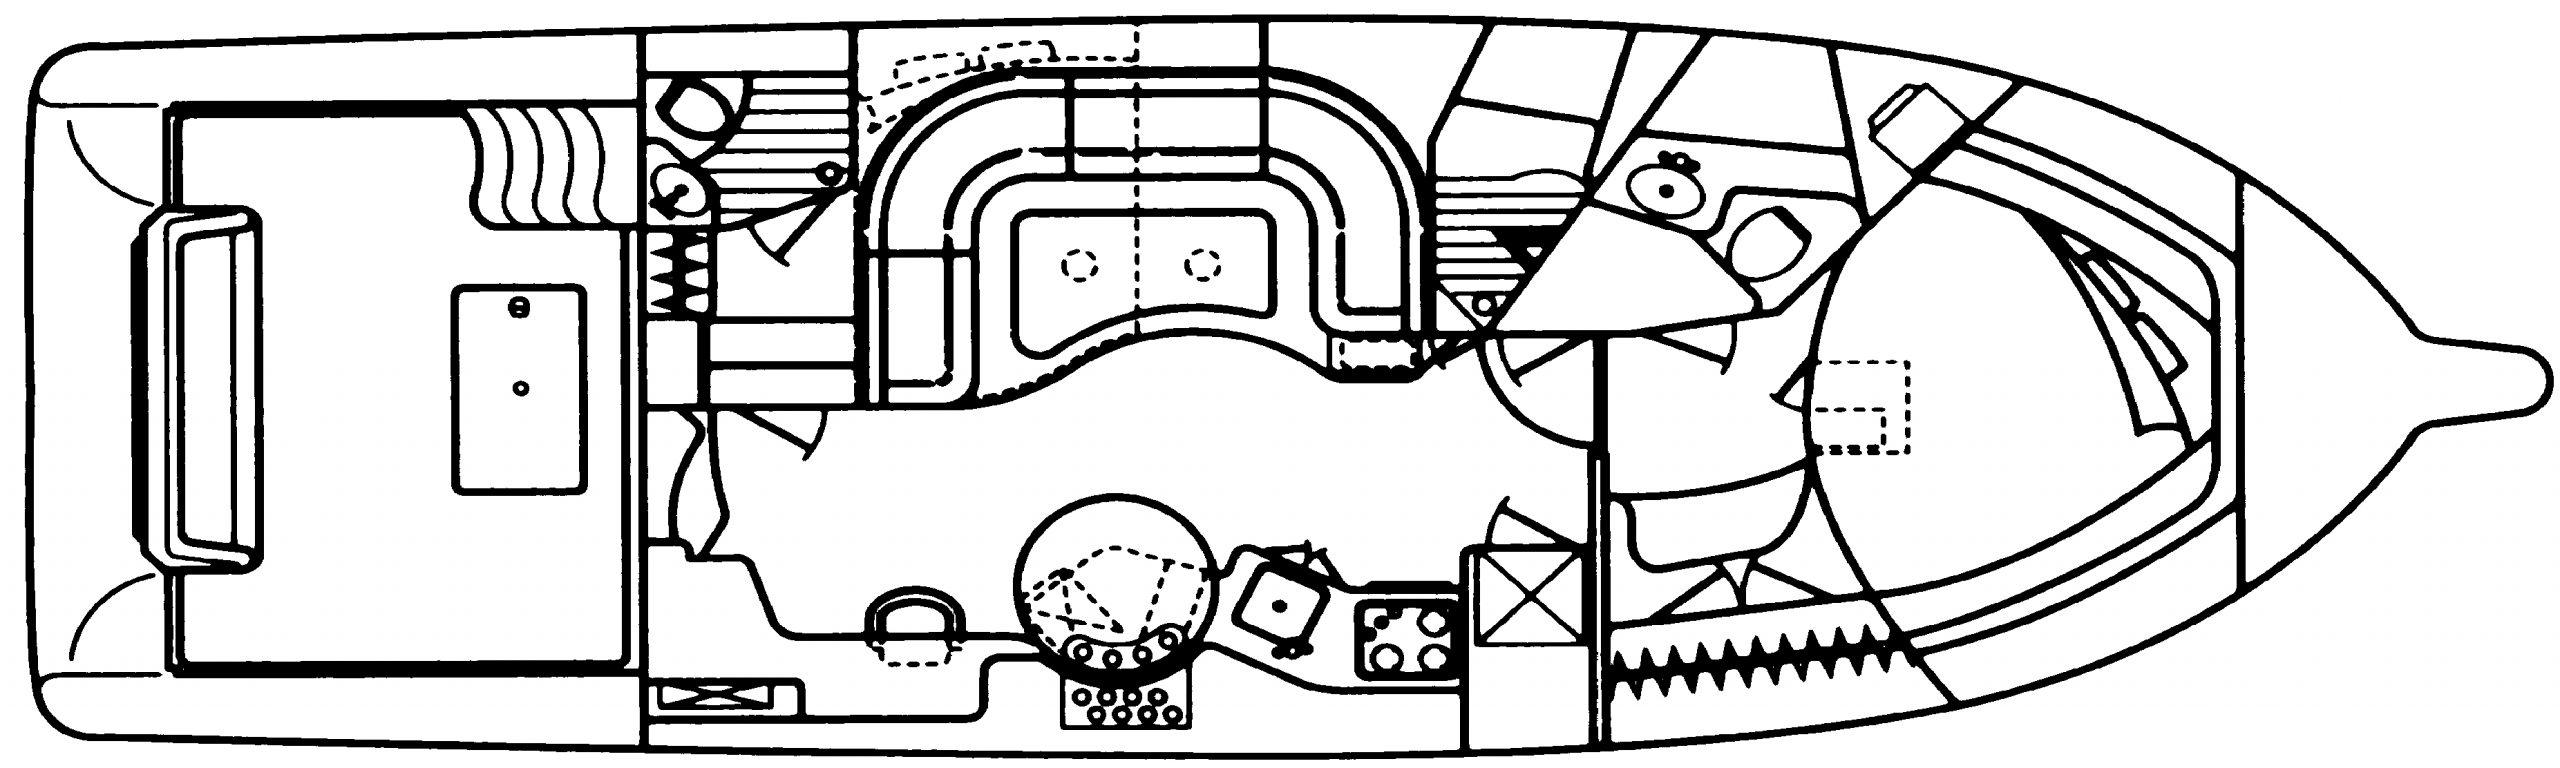 440 Express Bridge Floor Plan 1